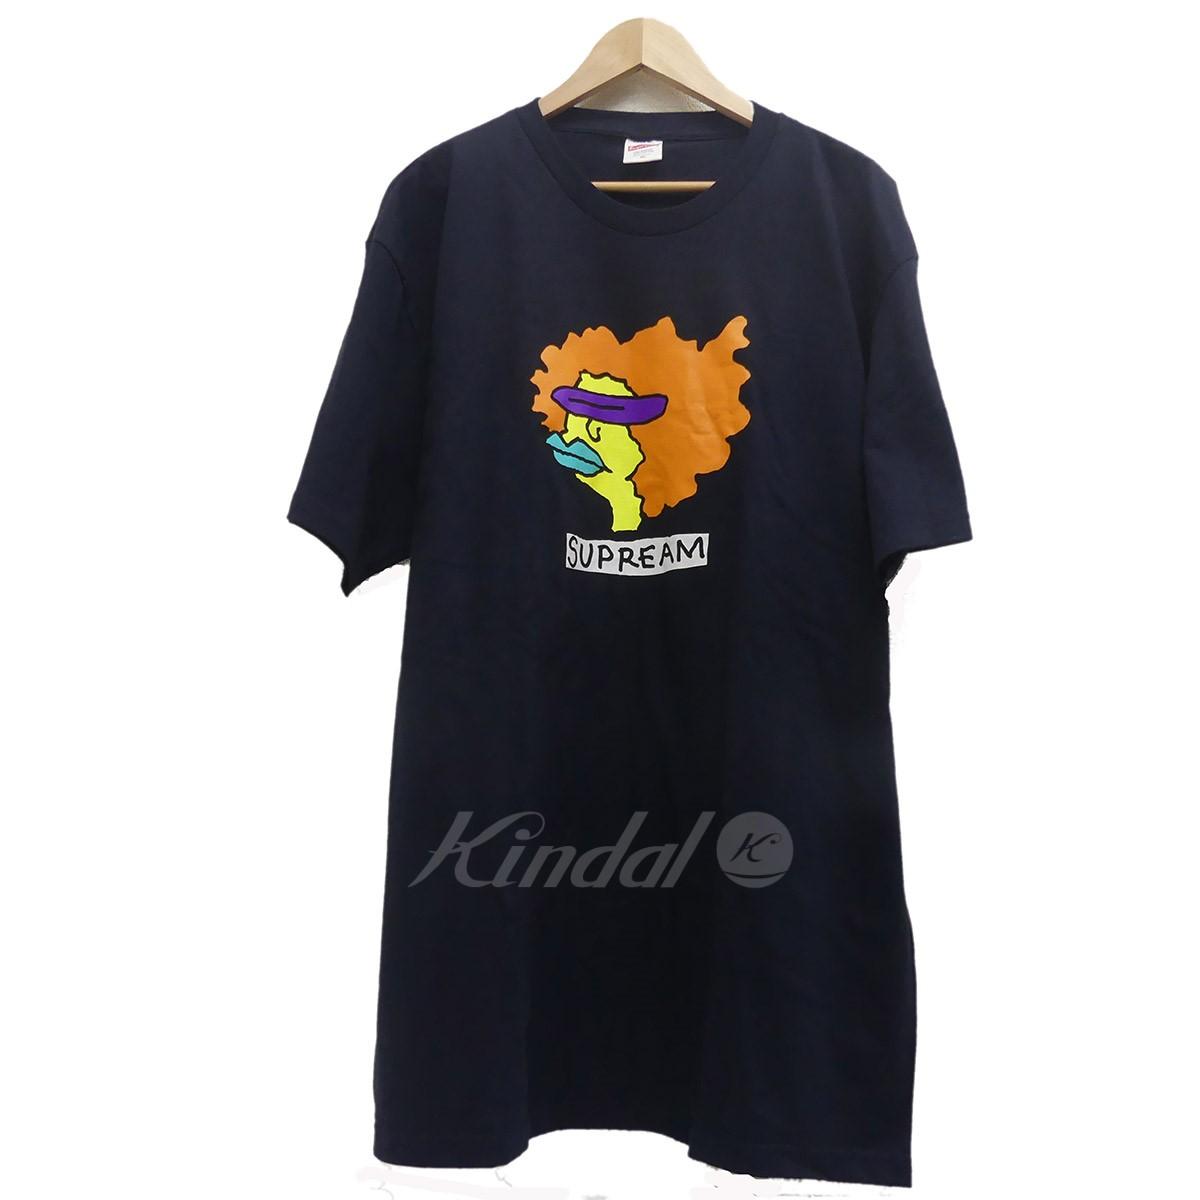 【中古】SUPREME GonzTee 2017AW 半袖Tシャツ ネイビー サイズ:XL 【送料無料】 【041118】(シュプリーム)